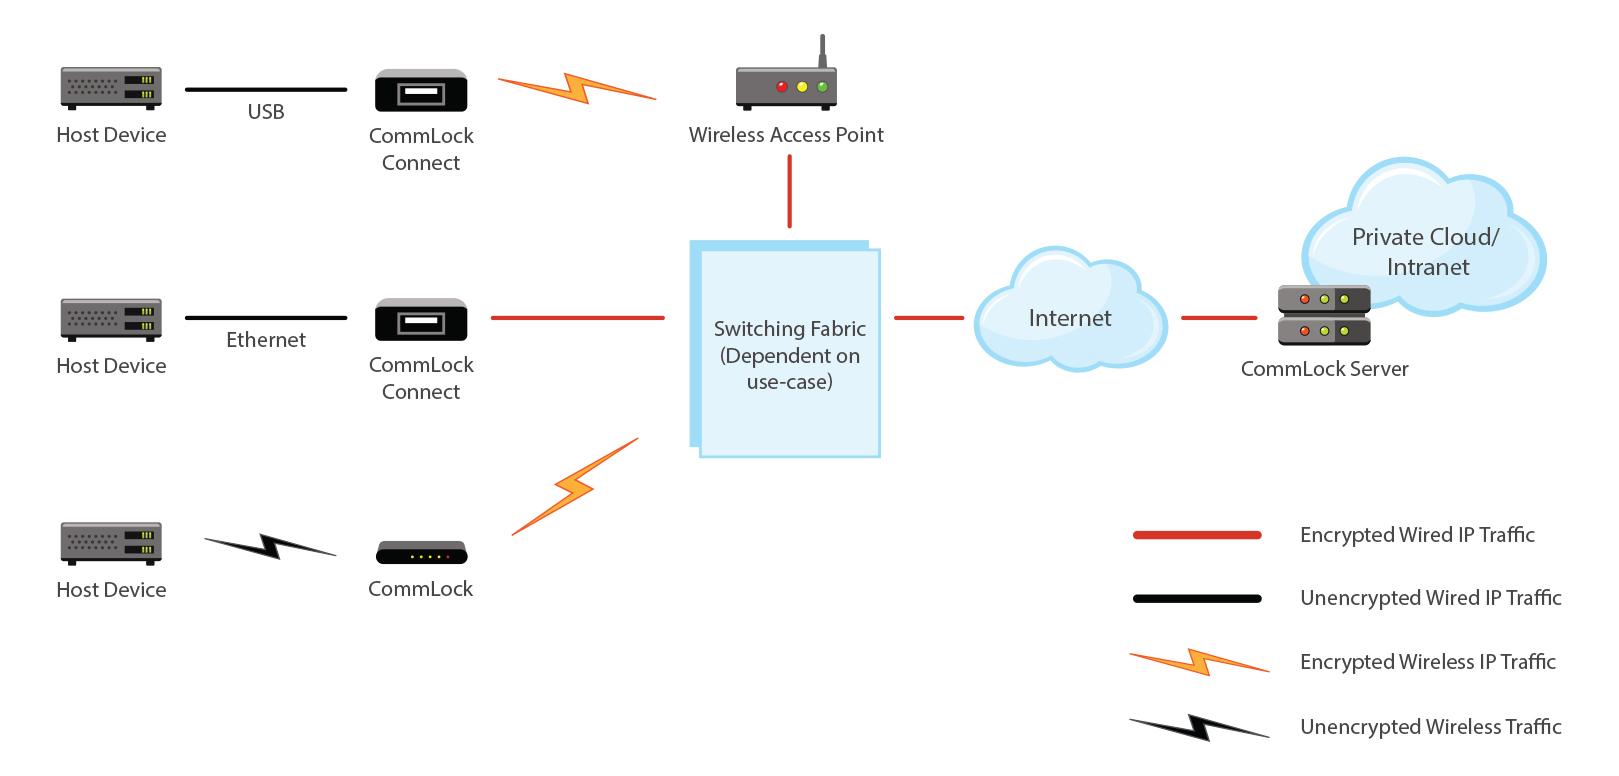 CommLock diagram